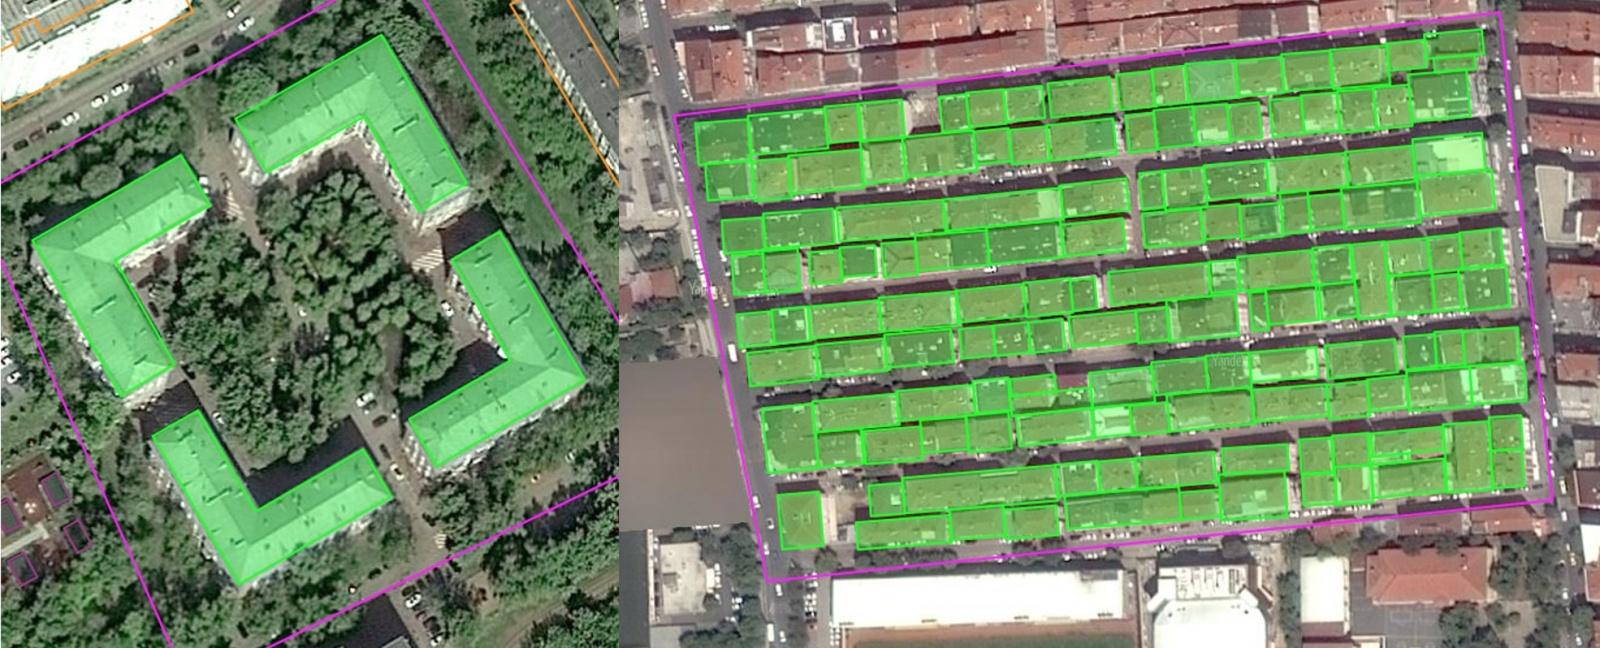 Как превратить спутниковые снимки в карты. Компьютерное зрение в Яндексе - 1